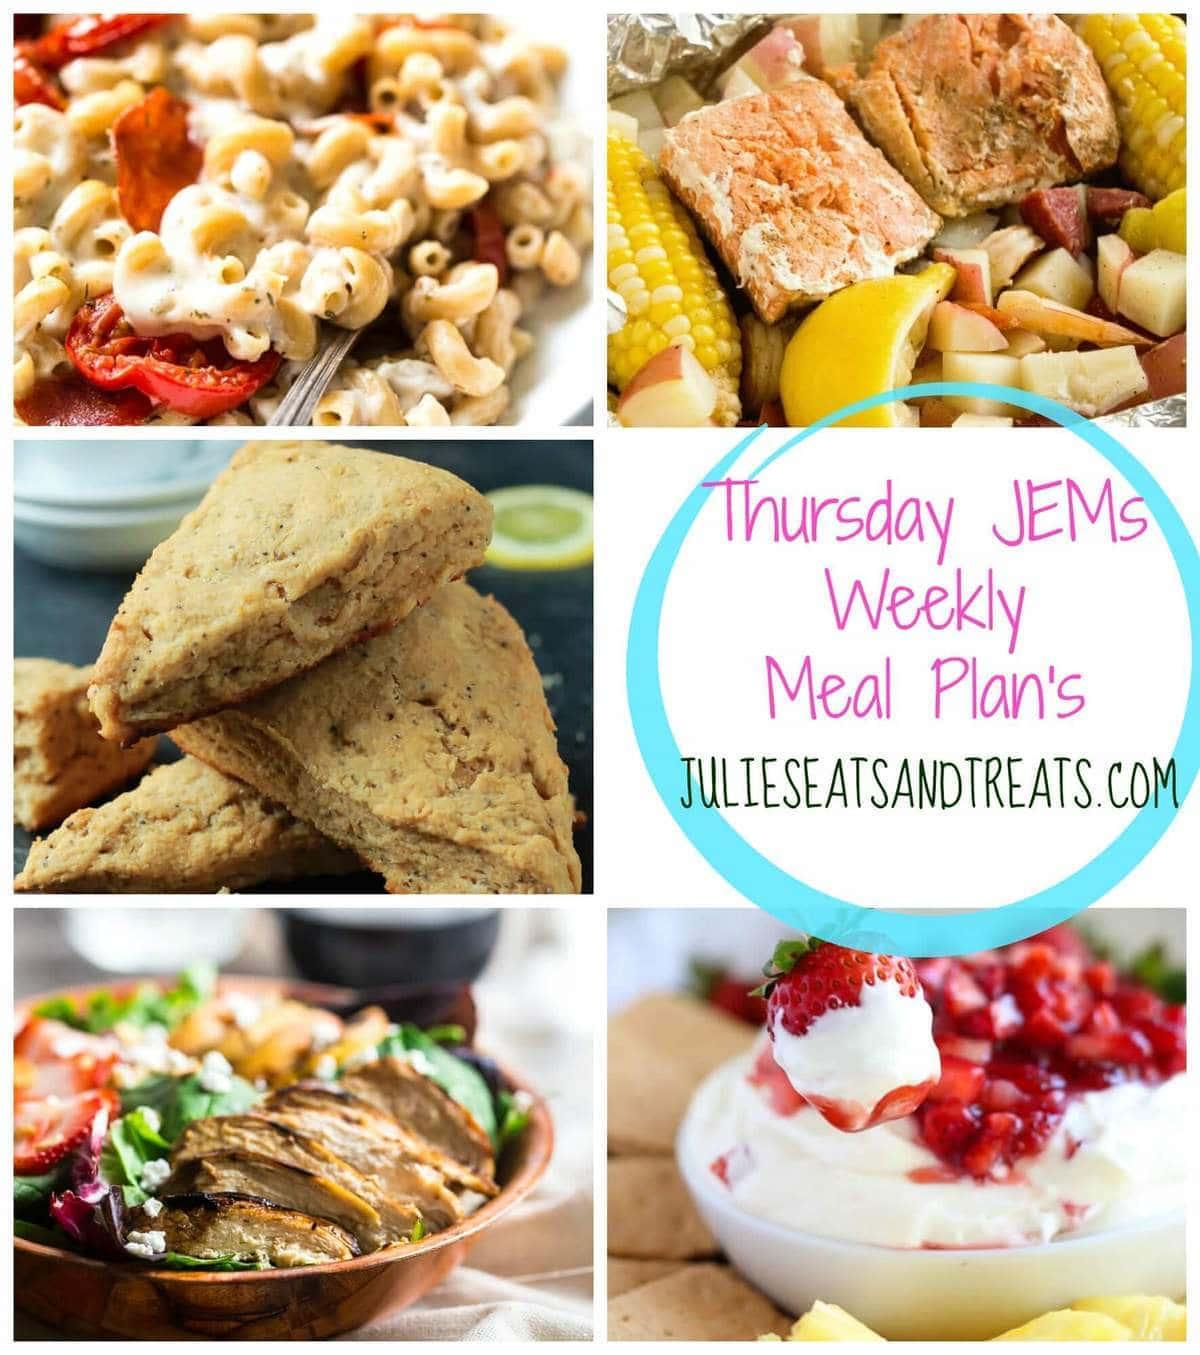 Thursday JEMs {Julie's Easy Meal Plans} 7/16/15